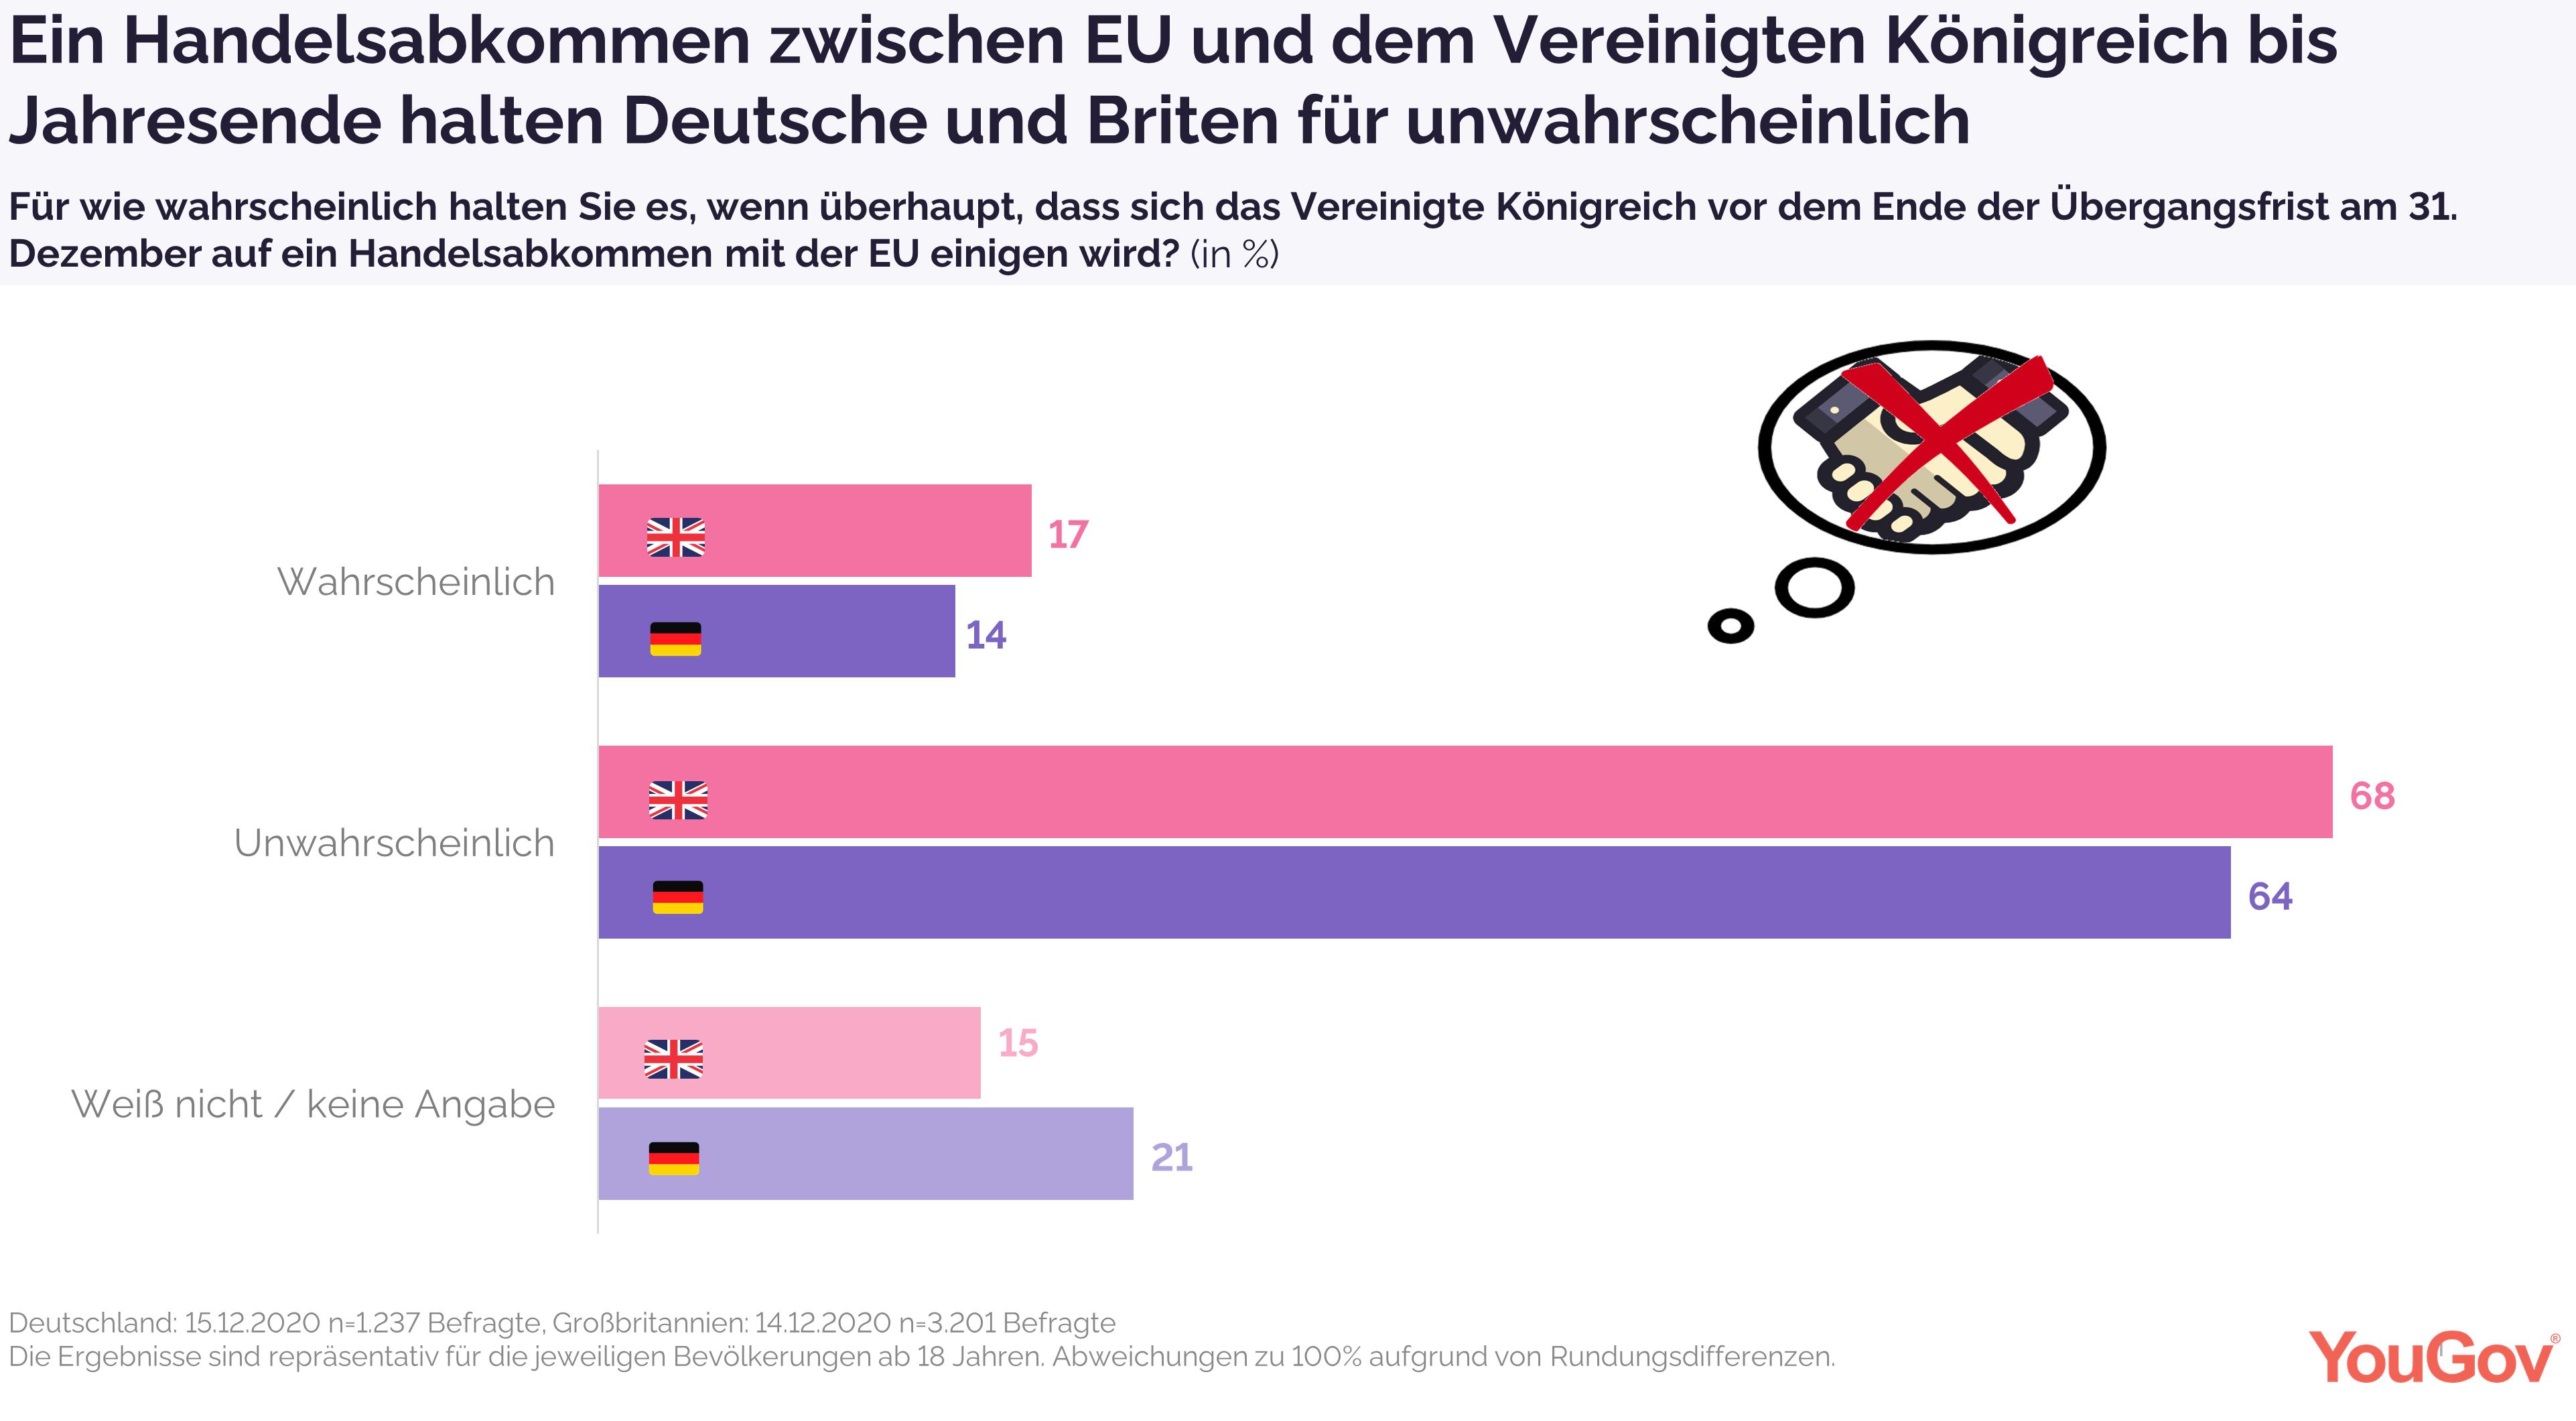 Handelsabkommen für Deutsche und Briten bis Ende 2020 unwahrscheinlich